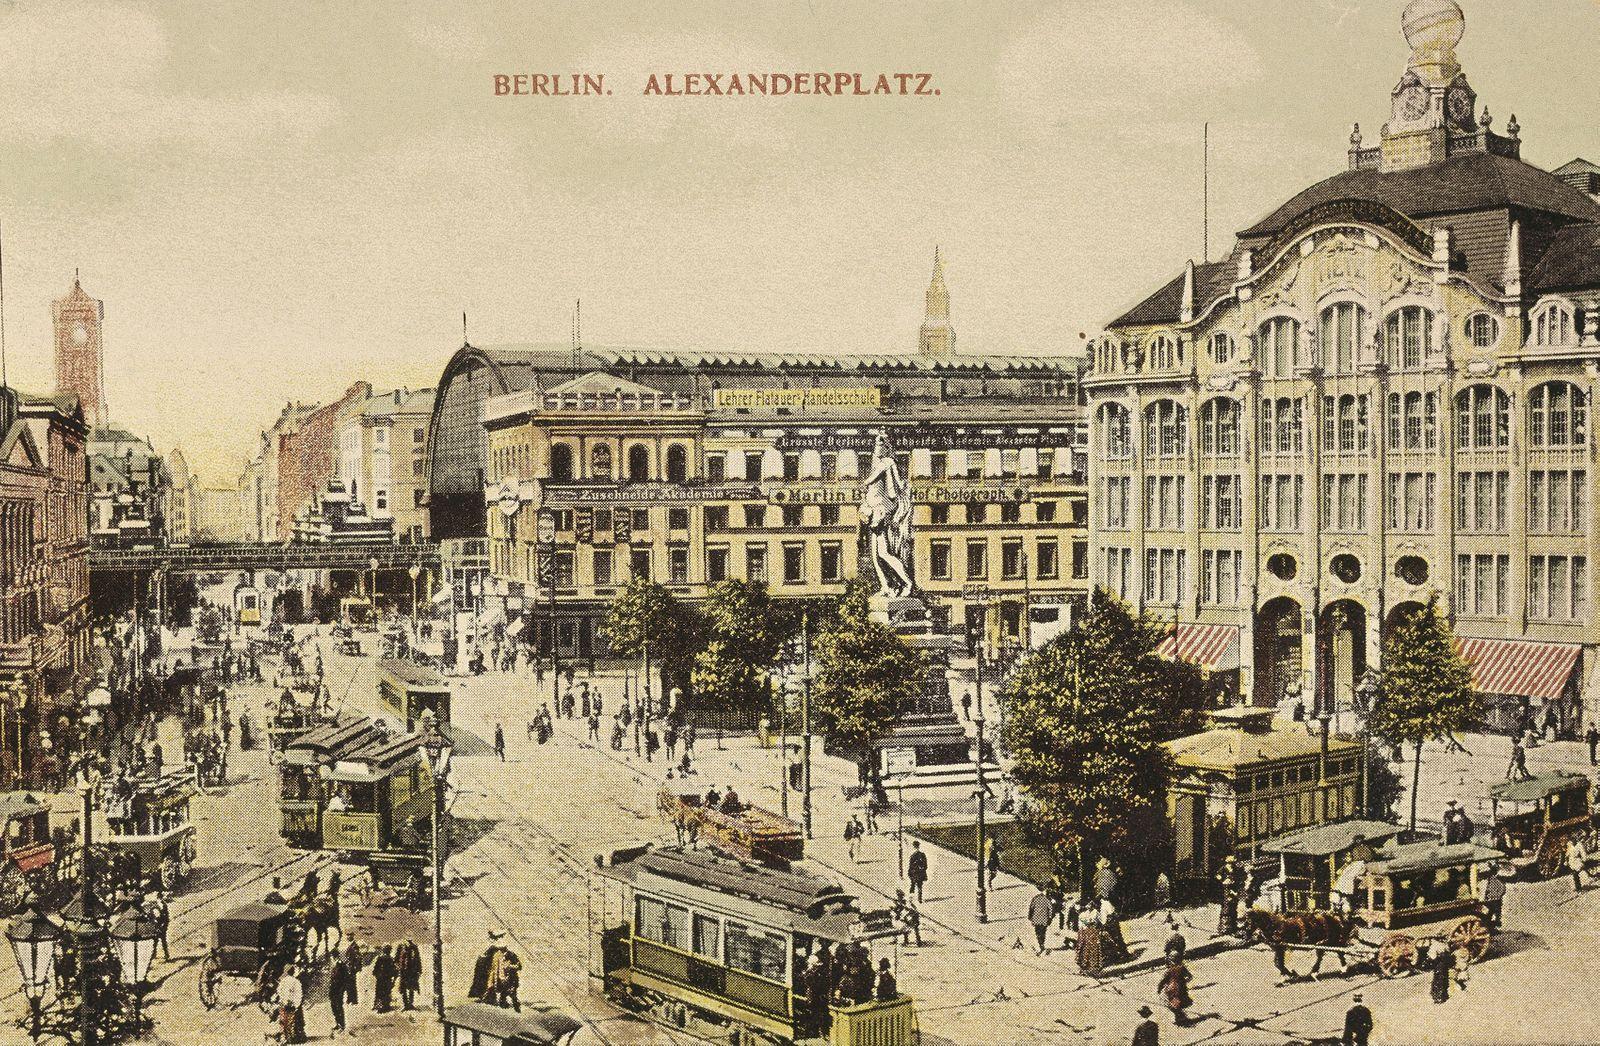 Der Alexanderplatz mit dem Kaufhaus Tietz